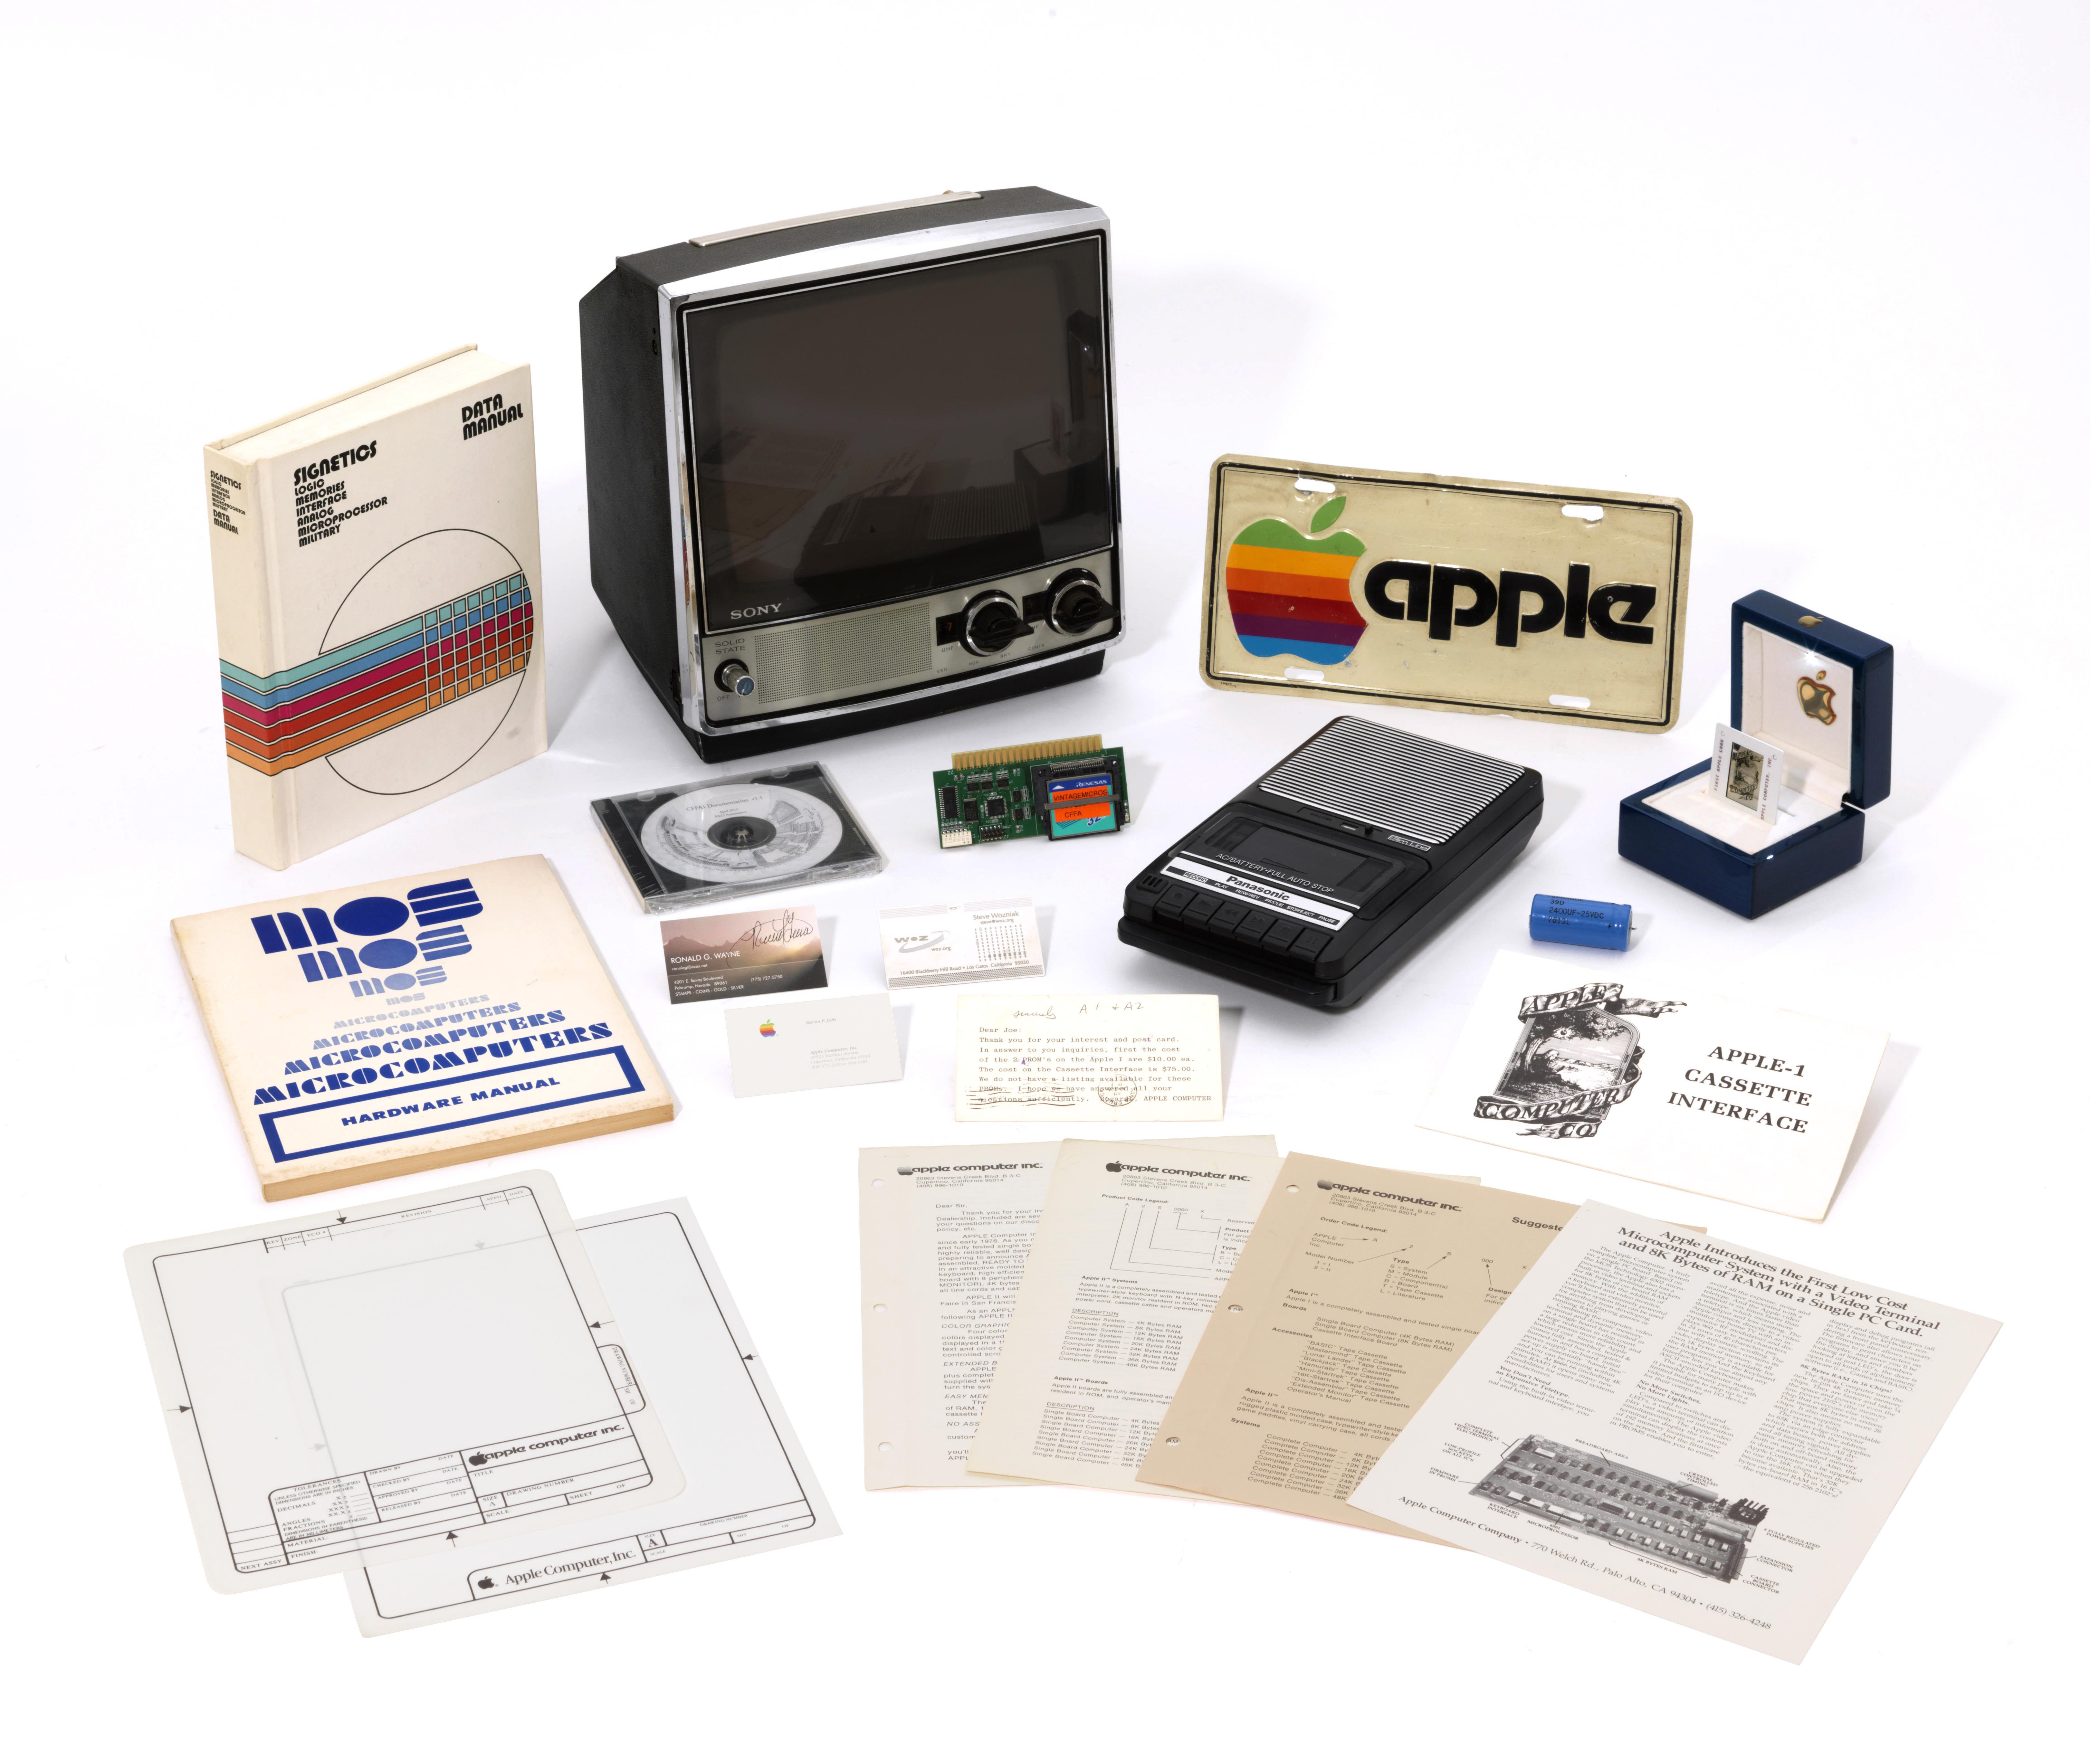 Apple I e documentos de executivos